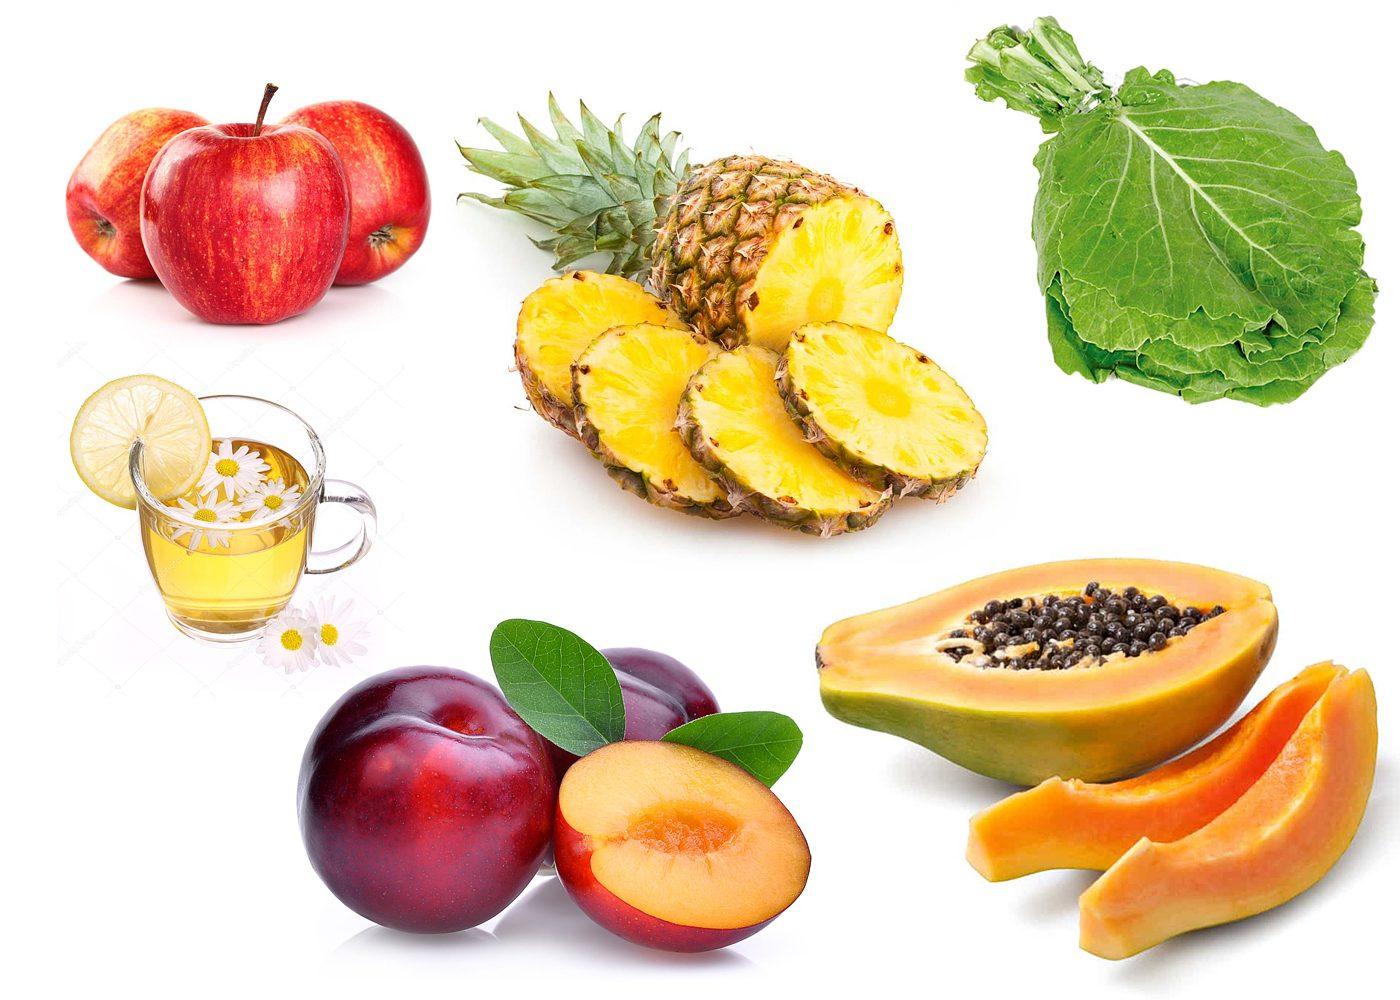 Tem problemas de digestão? Conheça os alimentos que podem ajudar